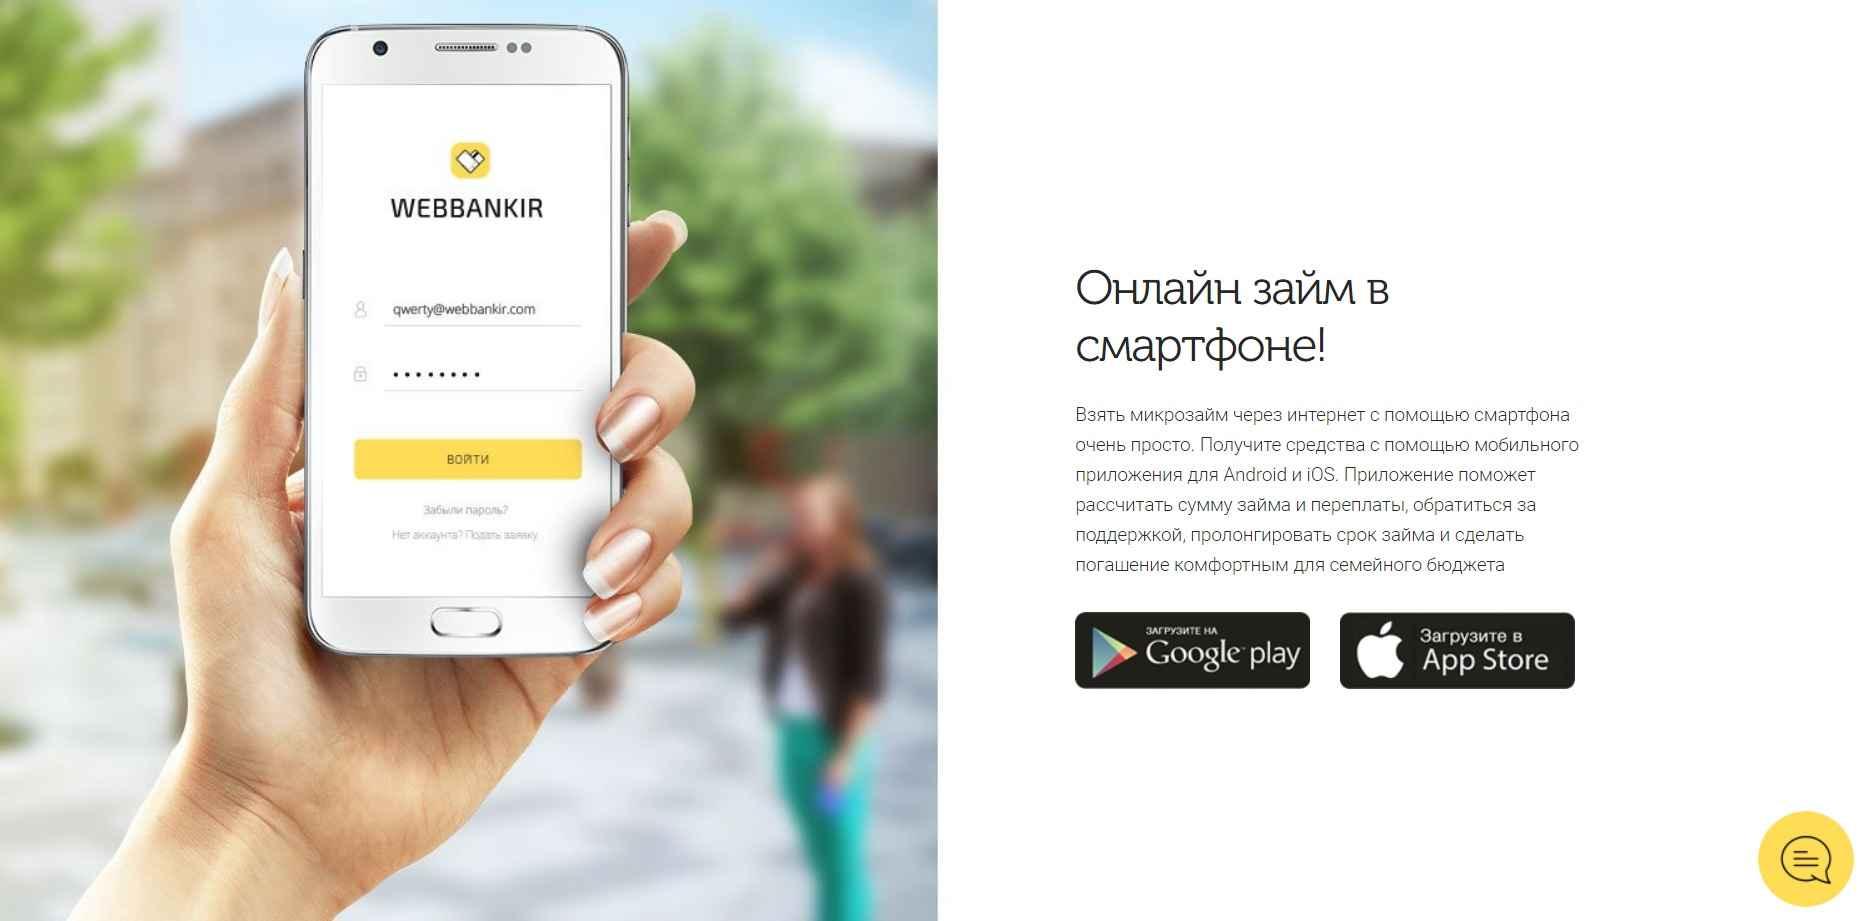 ООО МФО «ВЭББАНКИР» – отзывы и обзор webbankir.com